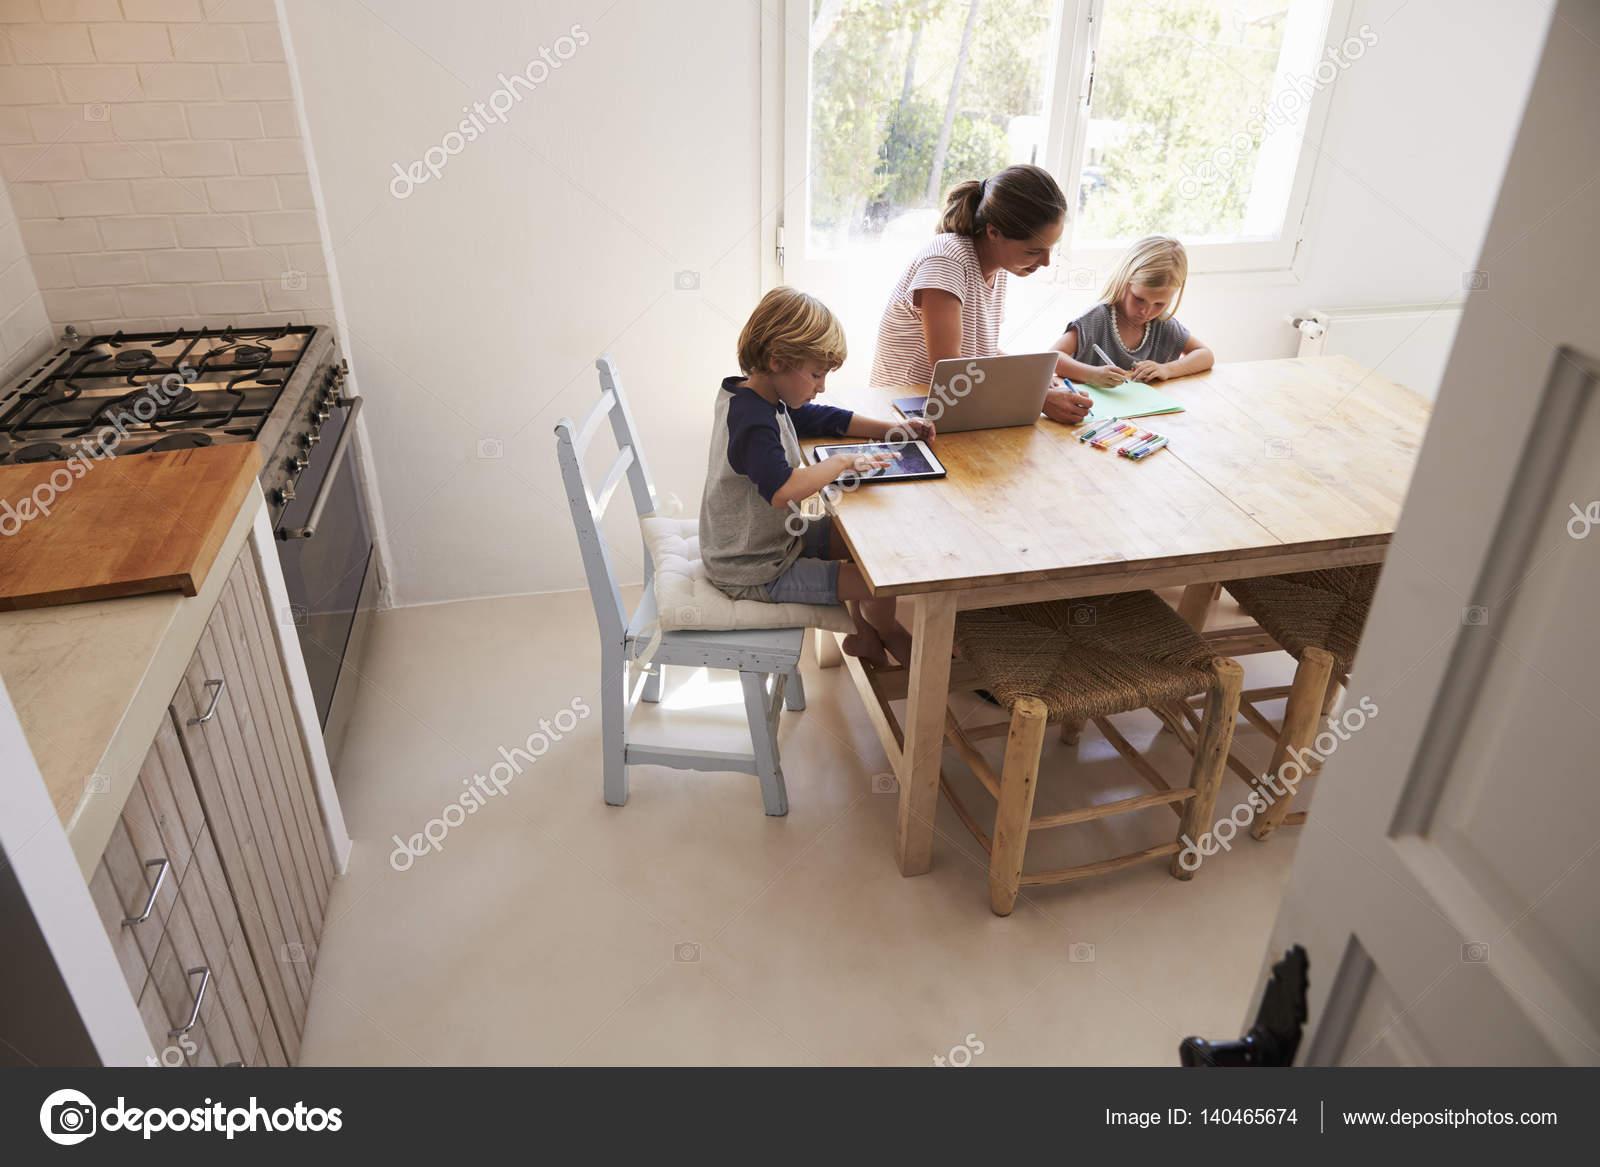 Keuken Voor Kinderen : Moeder en kinderen werken in de keuken u stockfoto